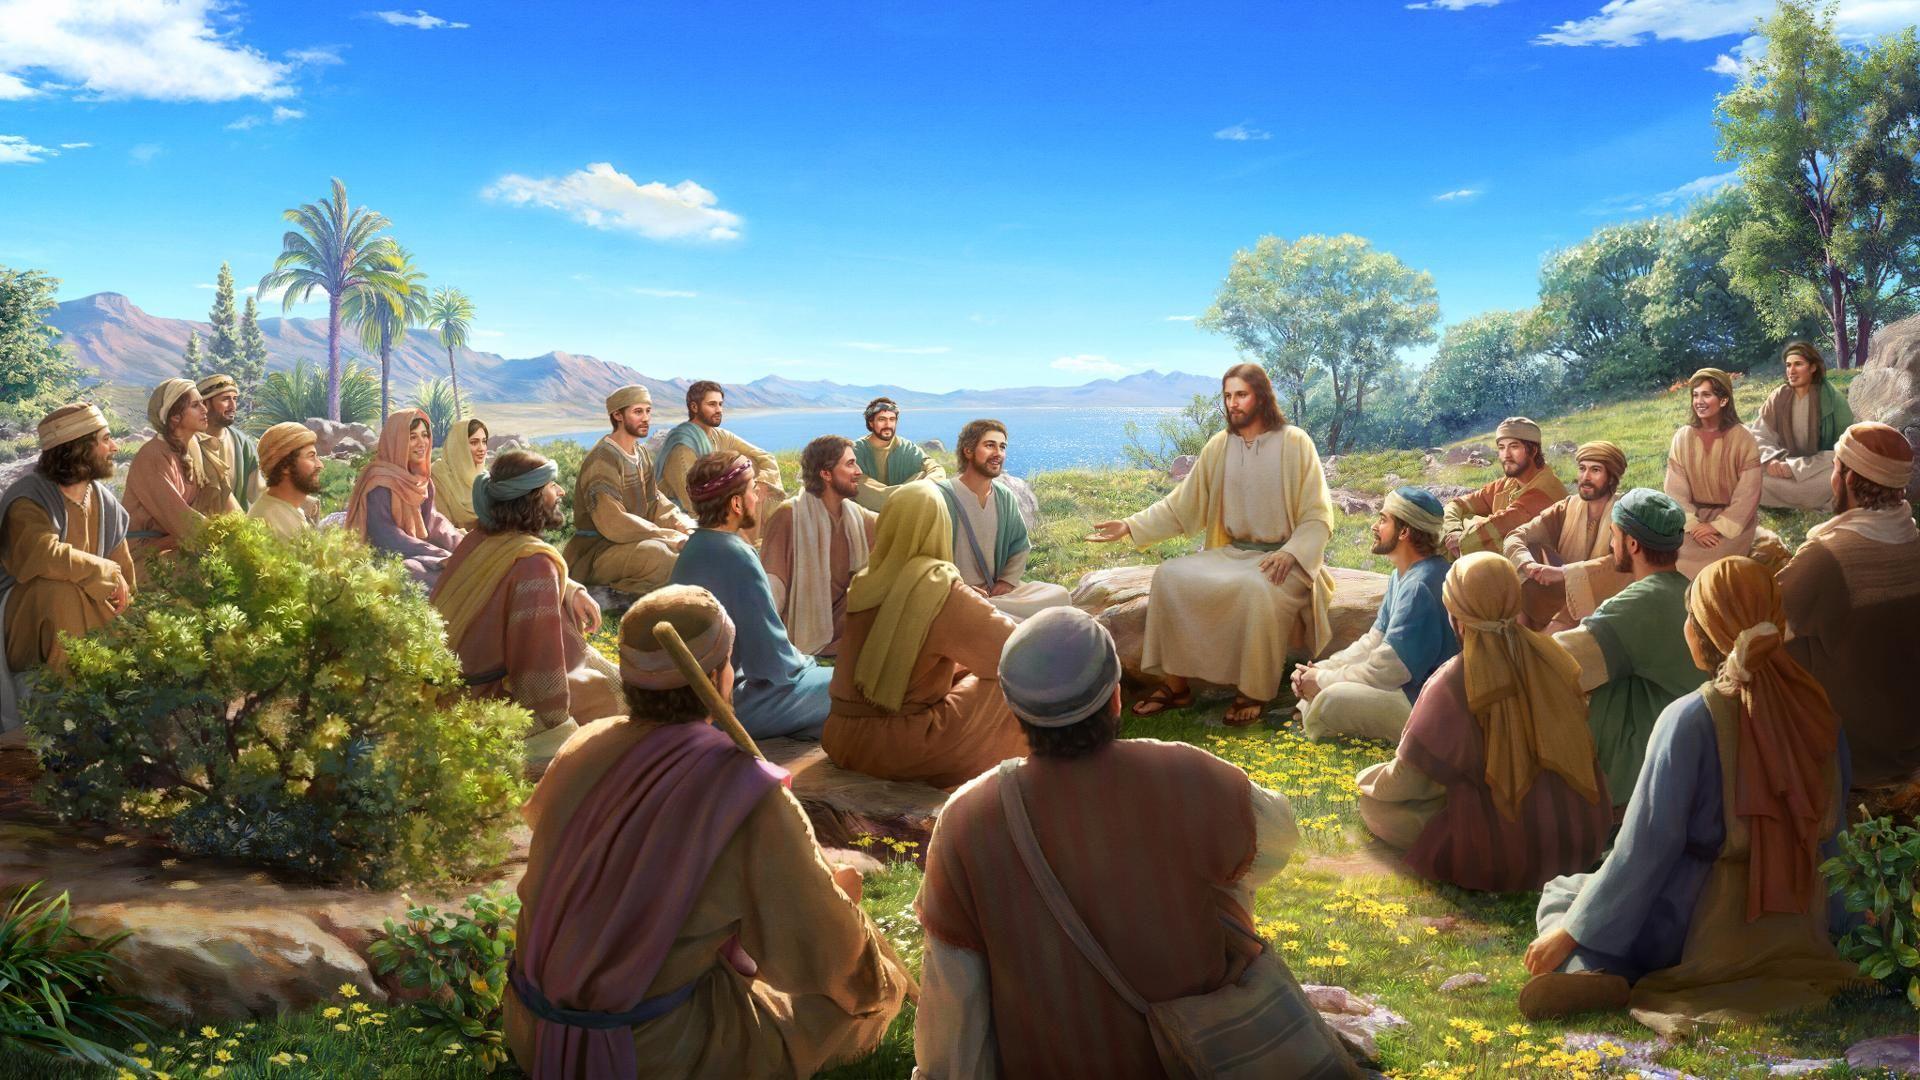 25 Februari 2021,Bacaan Injil 25 Februari 2021,Bacaan Injil Harian,Bacaan Kitab Suci,bacaan Pertama 25 Februari 2021,Bait Allah,Bait Pengantar Injil,Firman Tuhan,Gereja Katolik Indonesia,Iman Katolik,Injil Katolik,katekese,katolik,Kitab Suci,Komsos KWI,Konferensi Waligereja Indonesia,KWI,Lawan Covid-19,Mazmur Tanggapan 25 Februari 2021,Penyejuk Iman,Perjanjian Baru,Perjanjian Lama,pewartaan,Renungan Harian Katolik 25 Februari 2021,Renungan Katolik Harian,Renungan Katolik Mingguan,Sabda Tuhan,Ulasan Eksegetis,Ulasan Eksegetis Bacaan Kitab Suci Minggu,Ulasan Kitab Suci Harian,Umat Katolik,Yesus Juruselamat